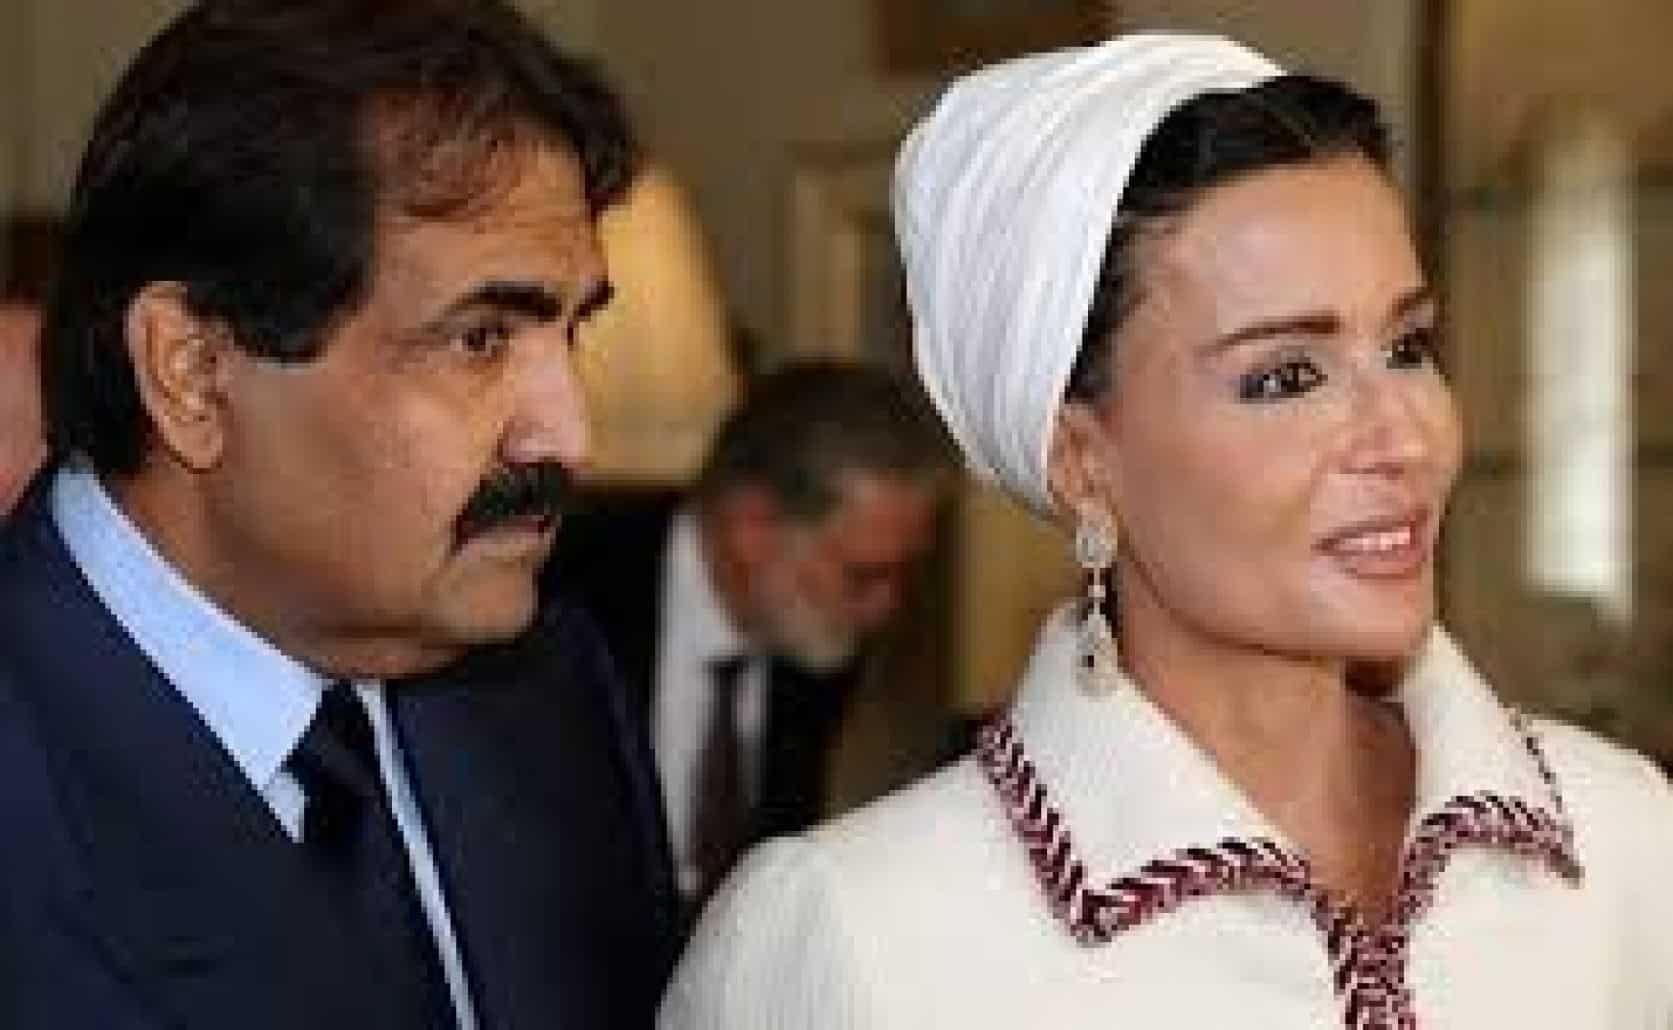 موقف قطري غير معتاد بقيادة زوجة الأمير تميم ووالدته الشيخة موزا يعكس حقيقة العلاقة بين قطر وسلطنة عُمان